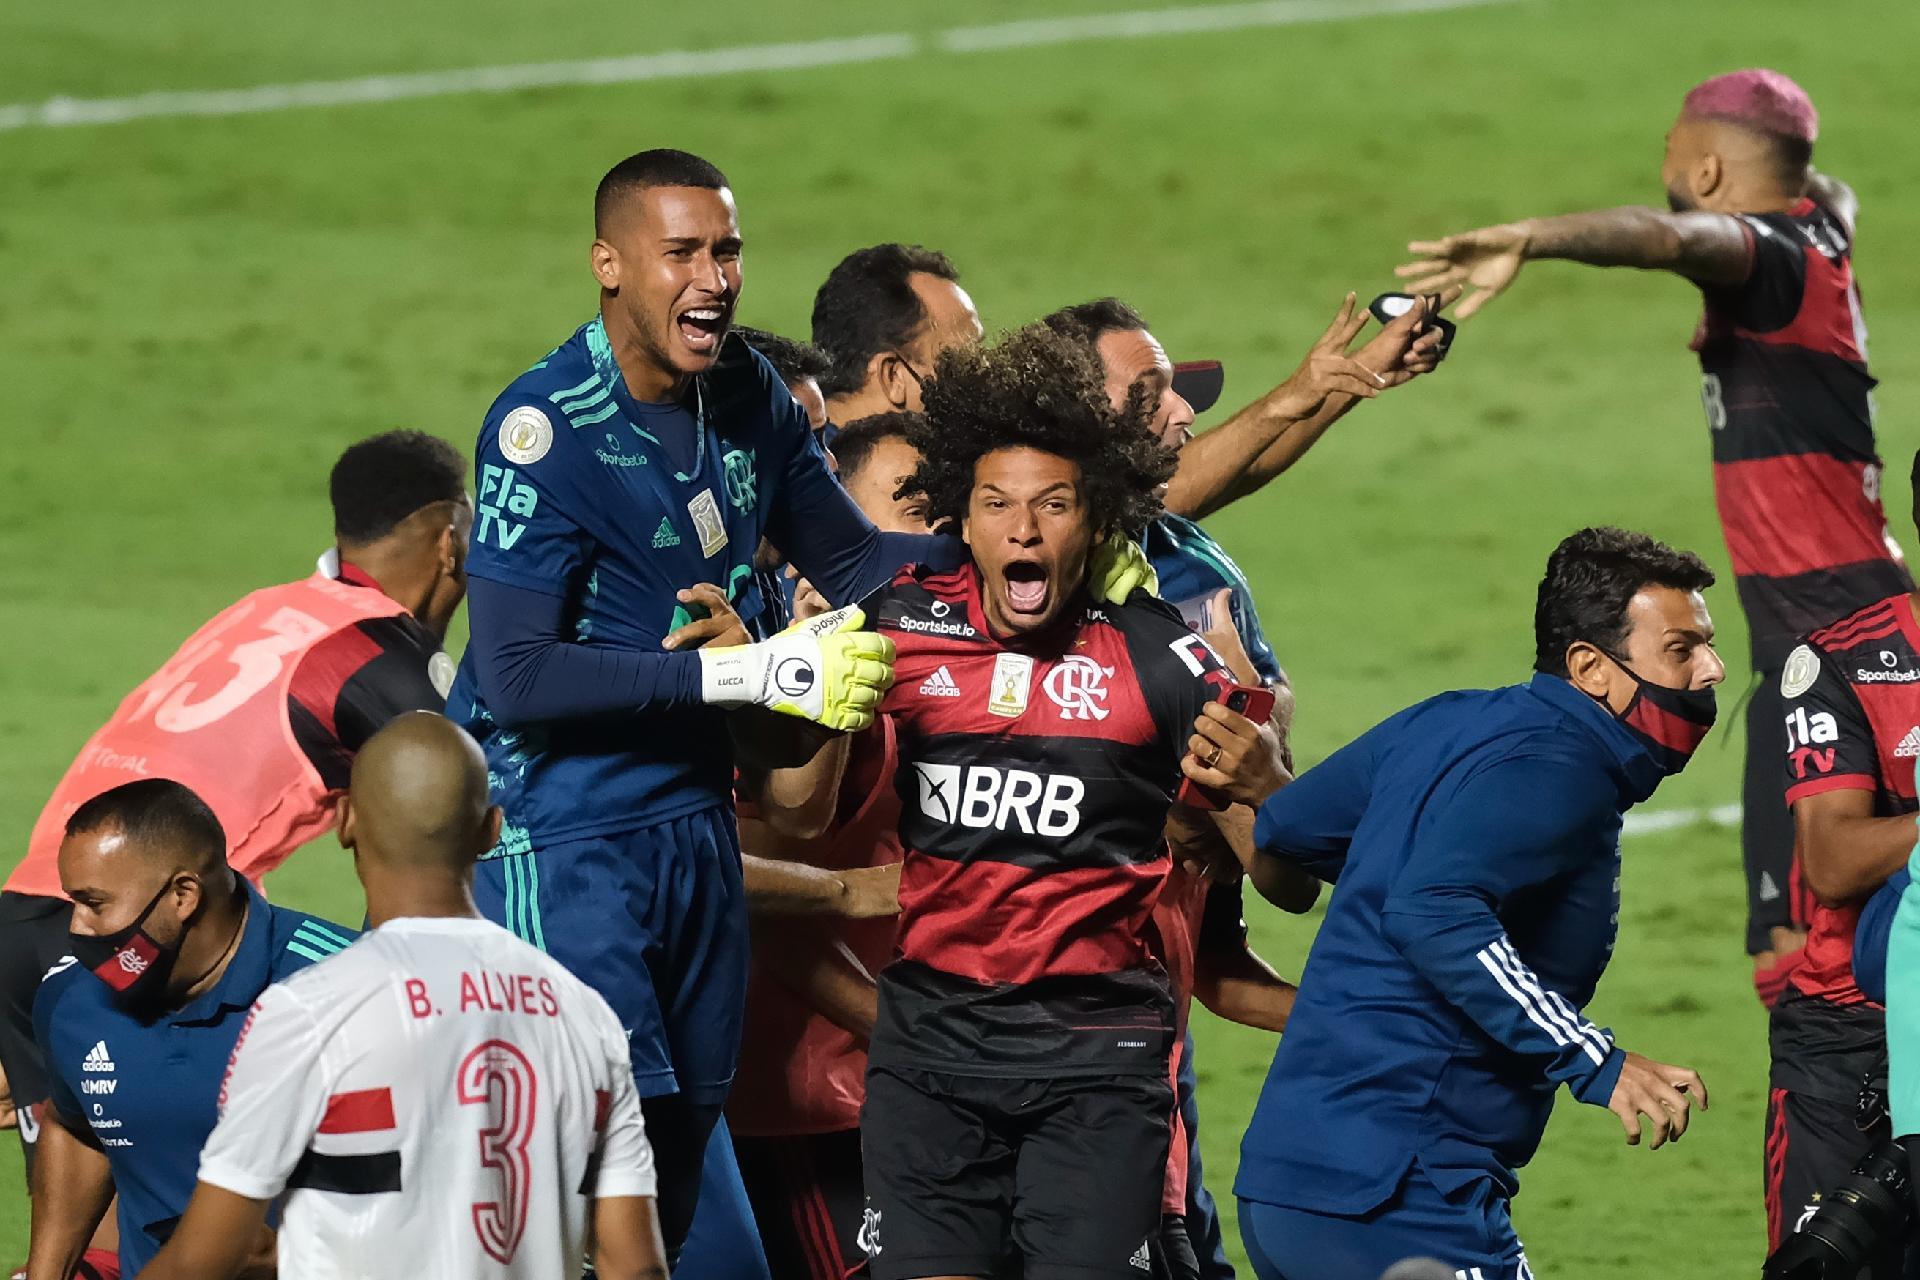 Flamengo foi campeão graças também à incompetência dos outros